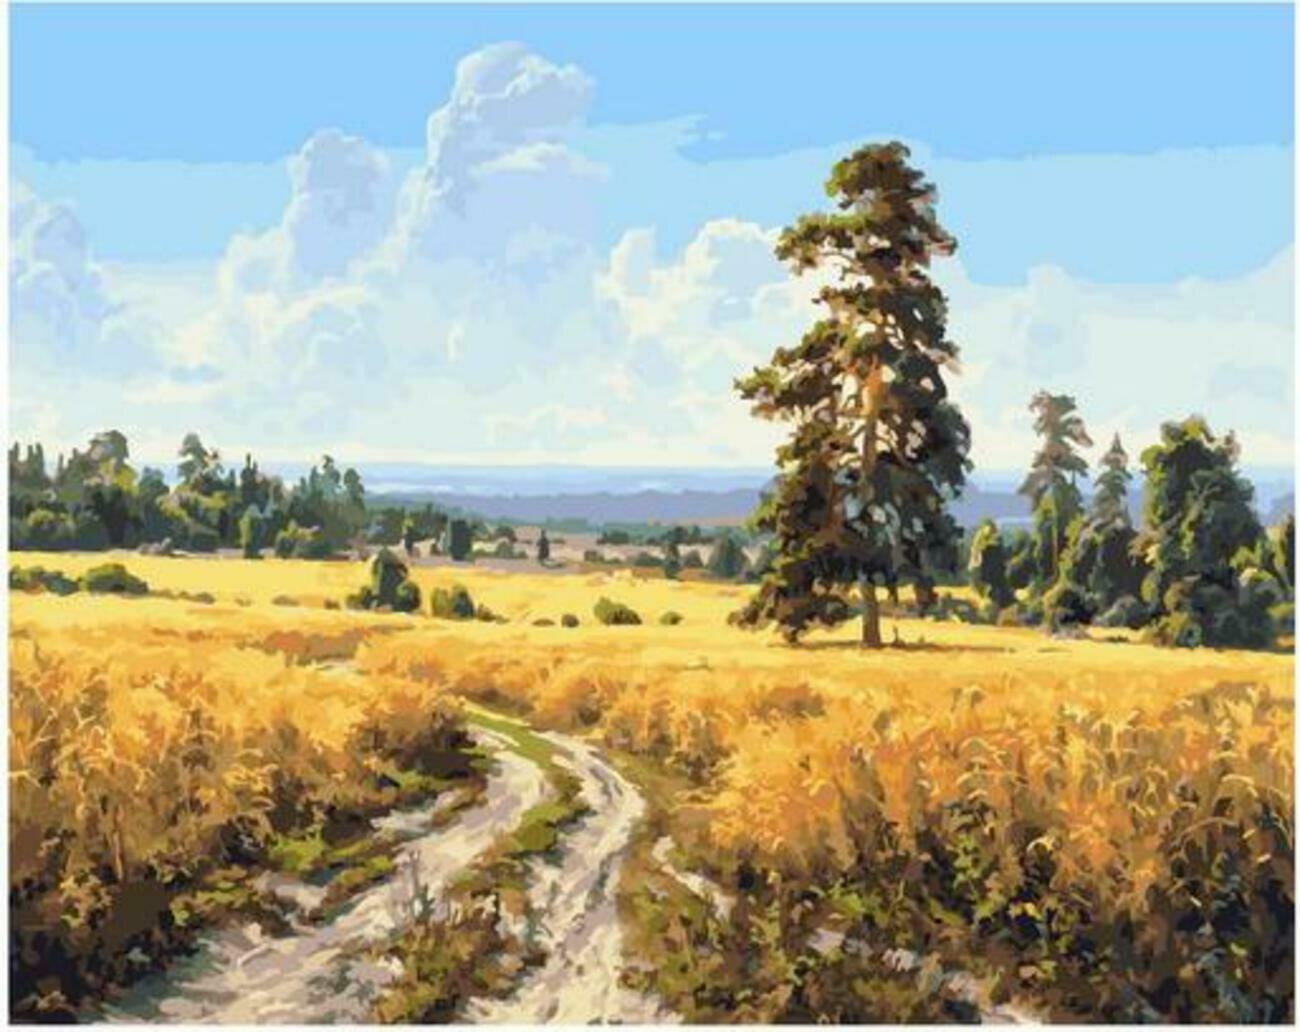 Картина по номерам Paintboy Original PK 90003 (GX 25617) Август (Басов Сергей) 40x50см